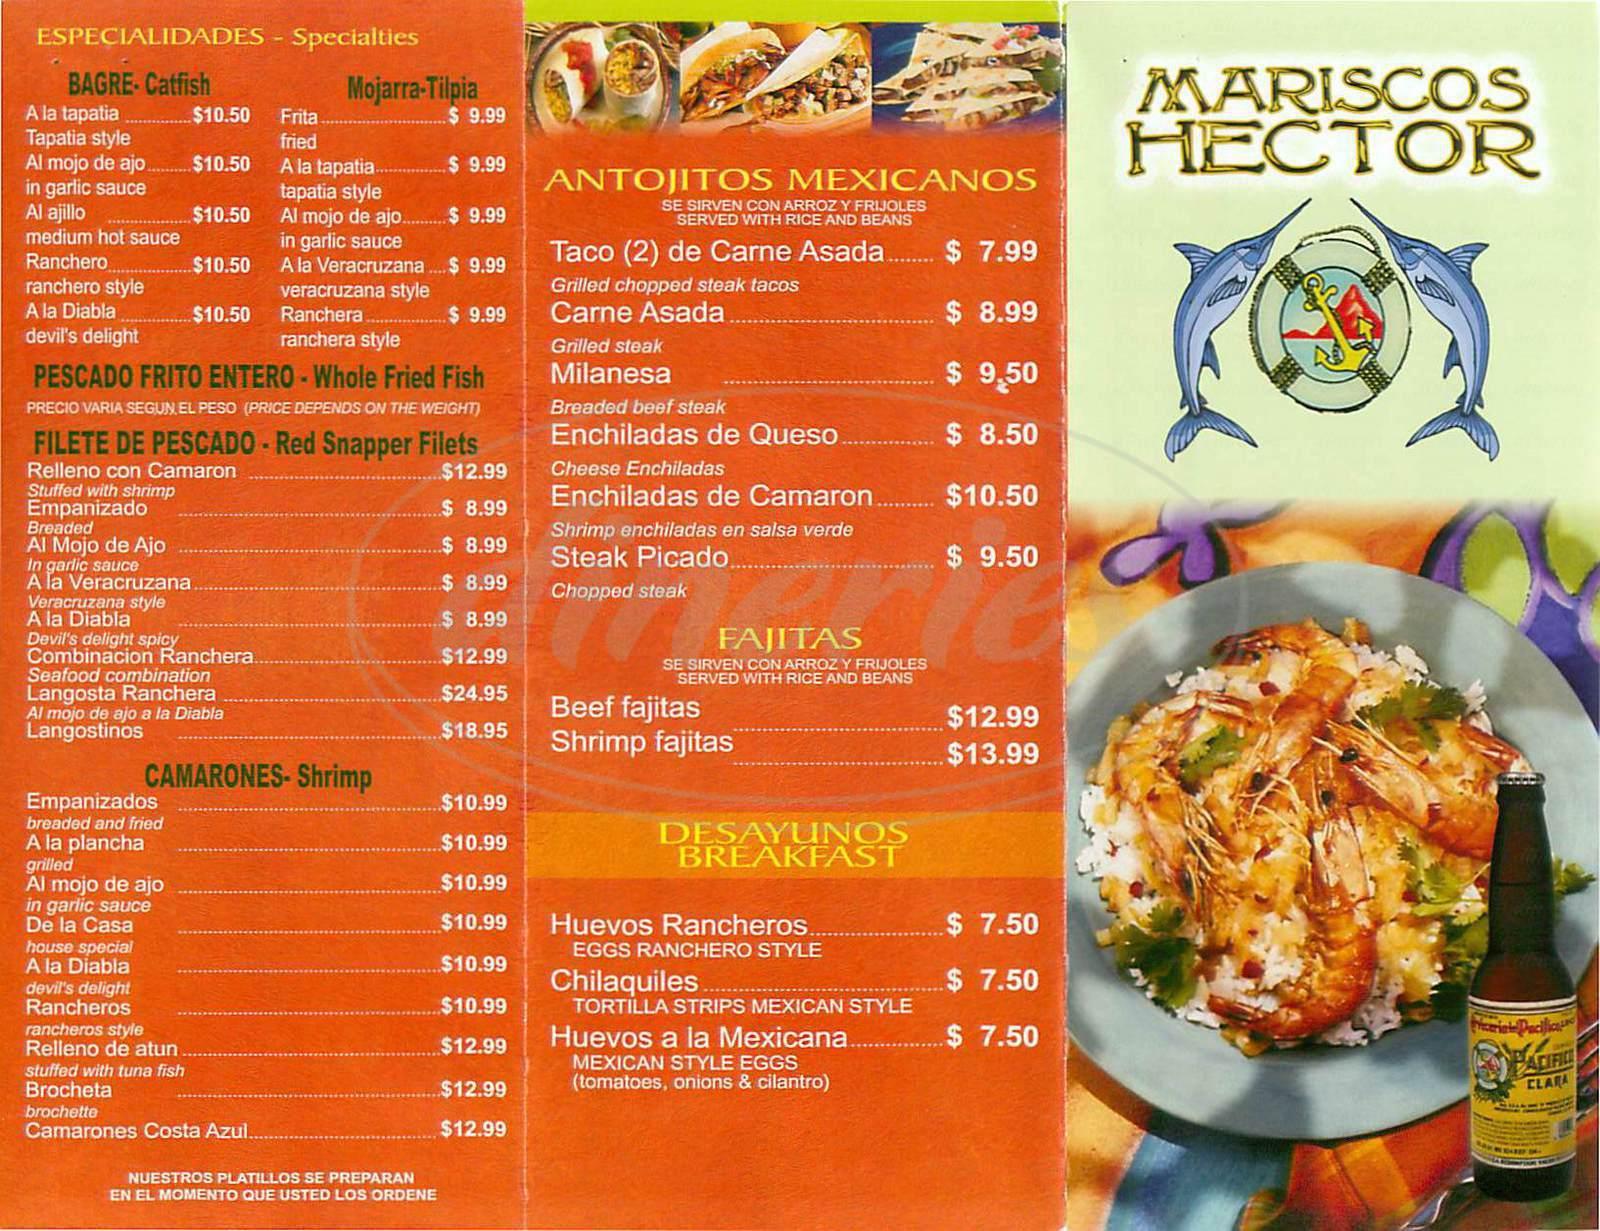 menu for Mariscos Hector